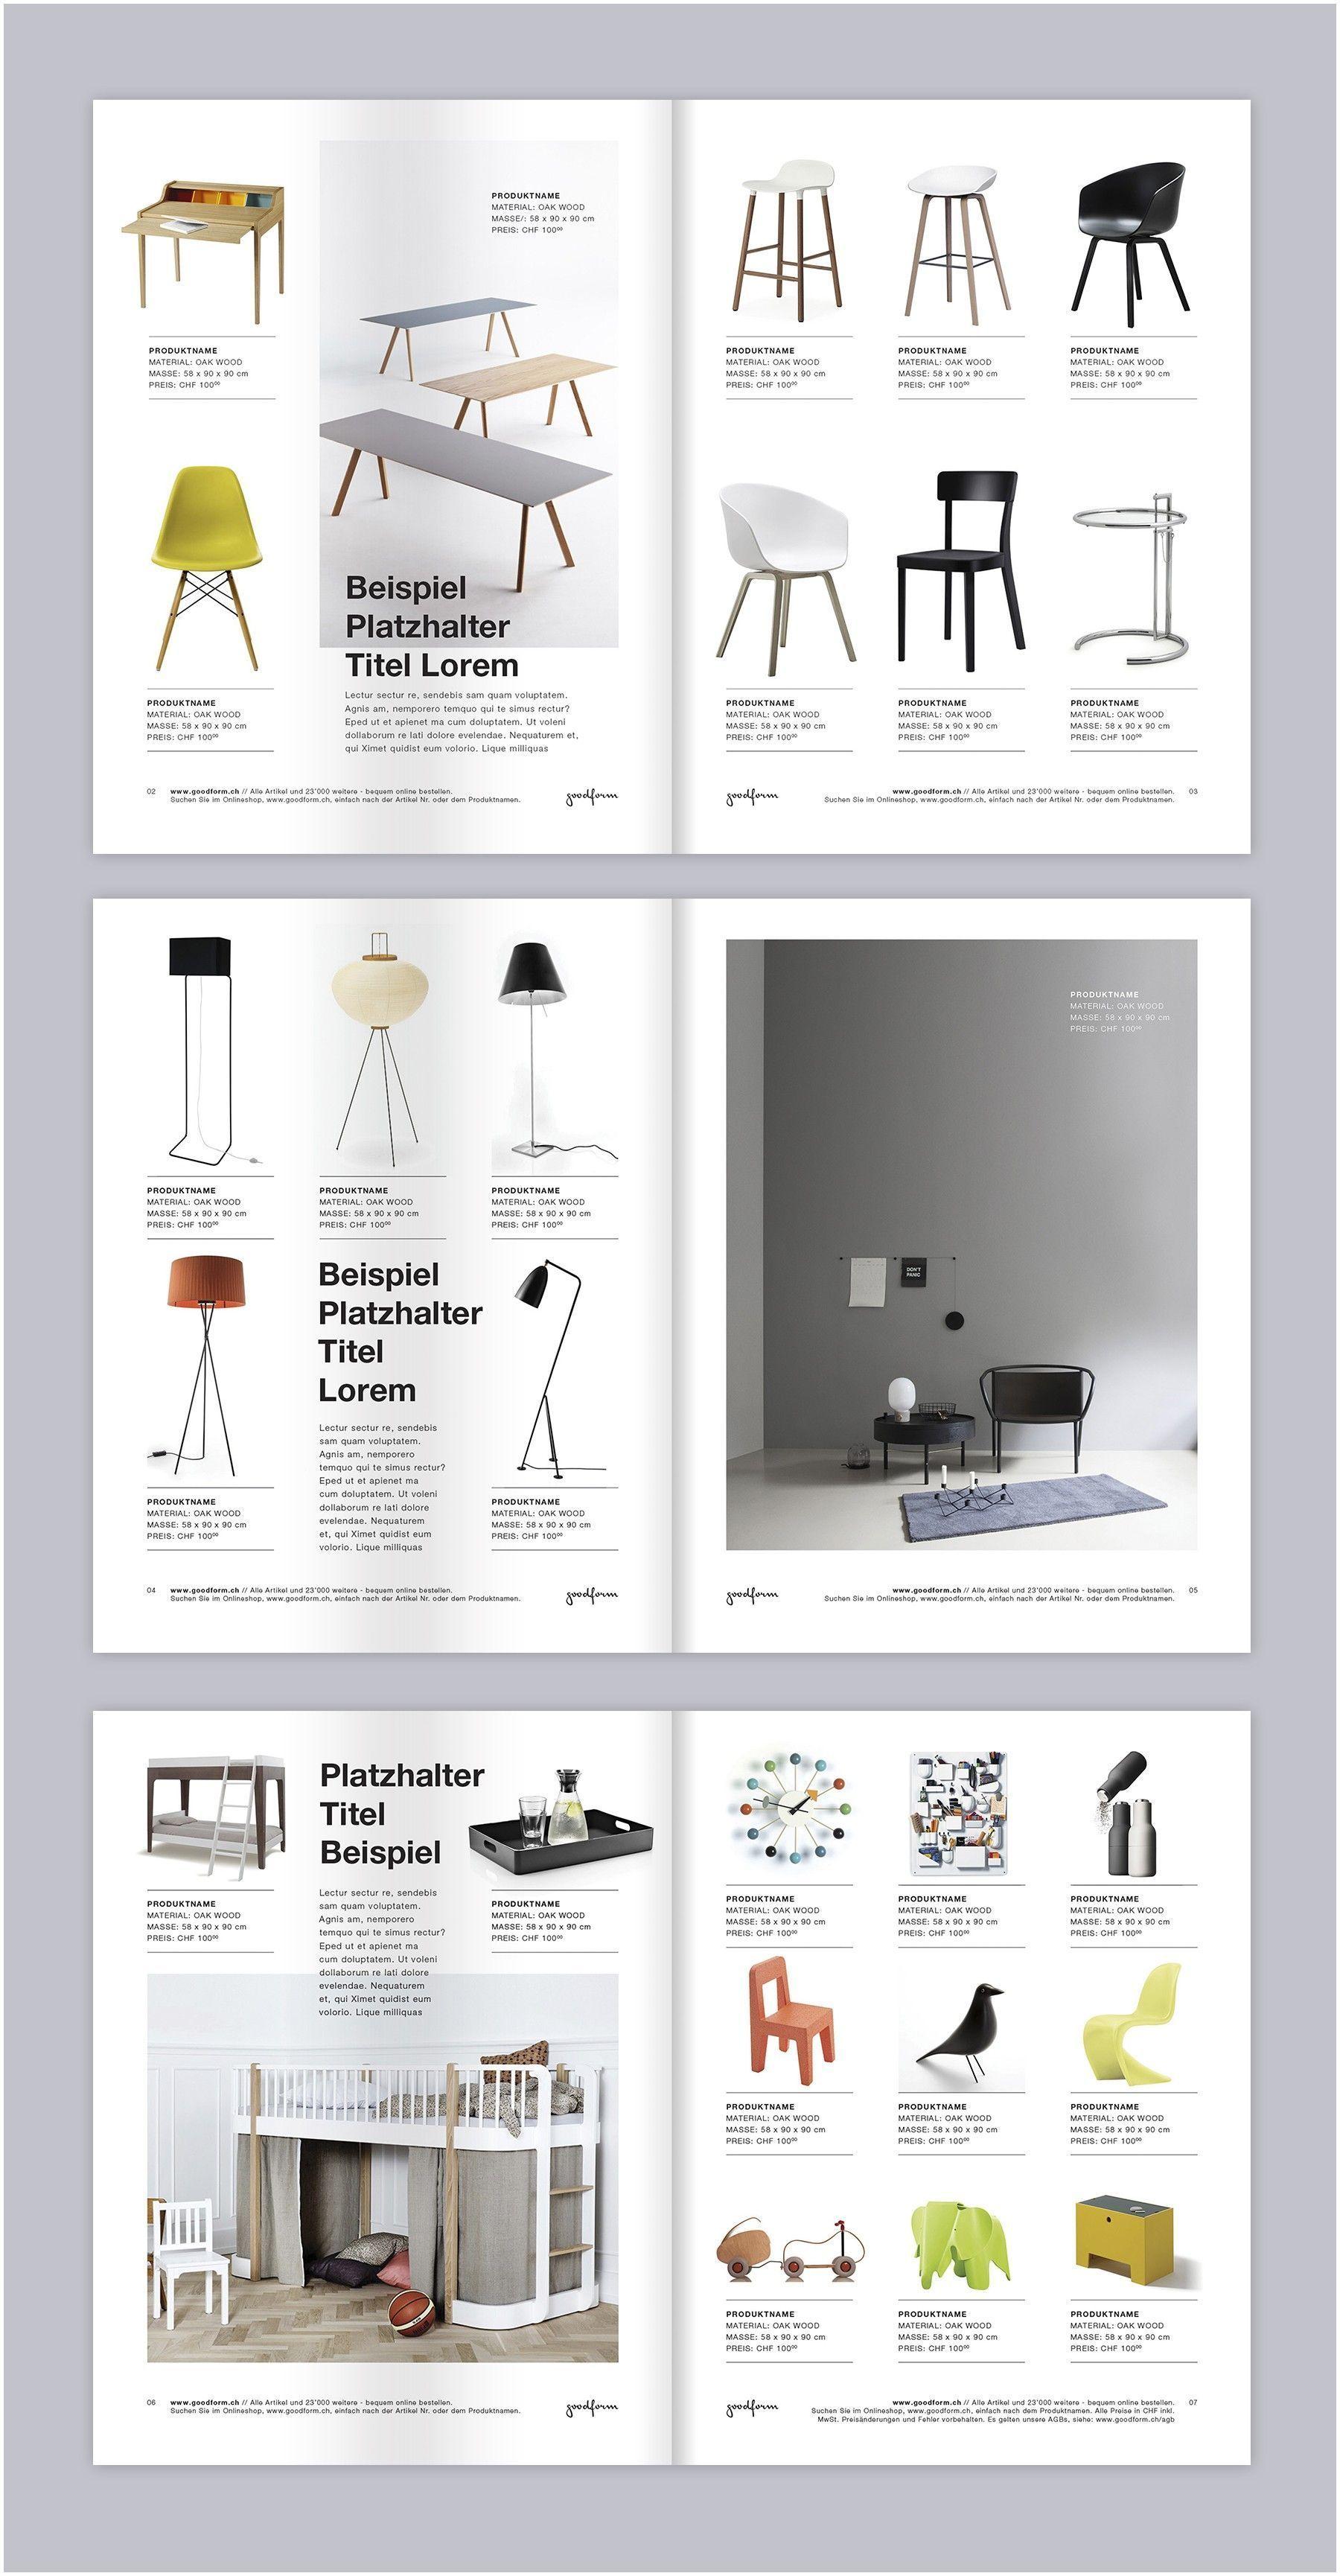 Furniture Brochure Furniture Layout Bedroom Furniture Bedroom Decor Brochure Layout Brochure